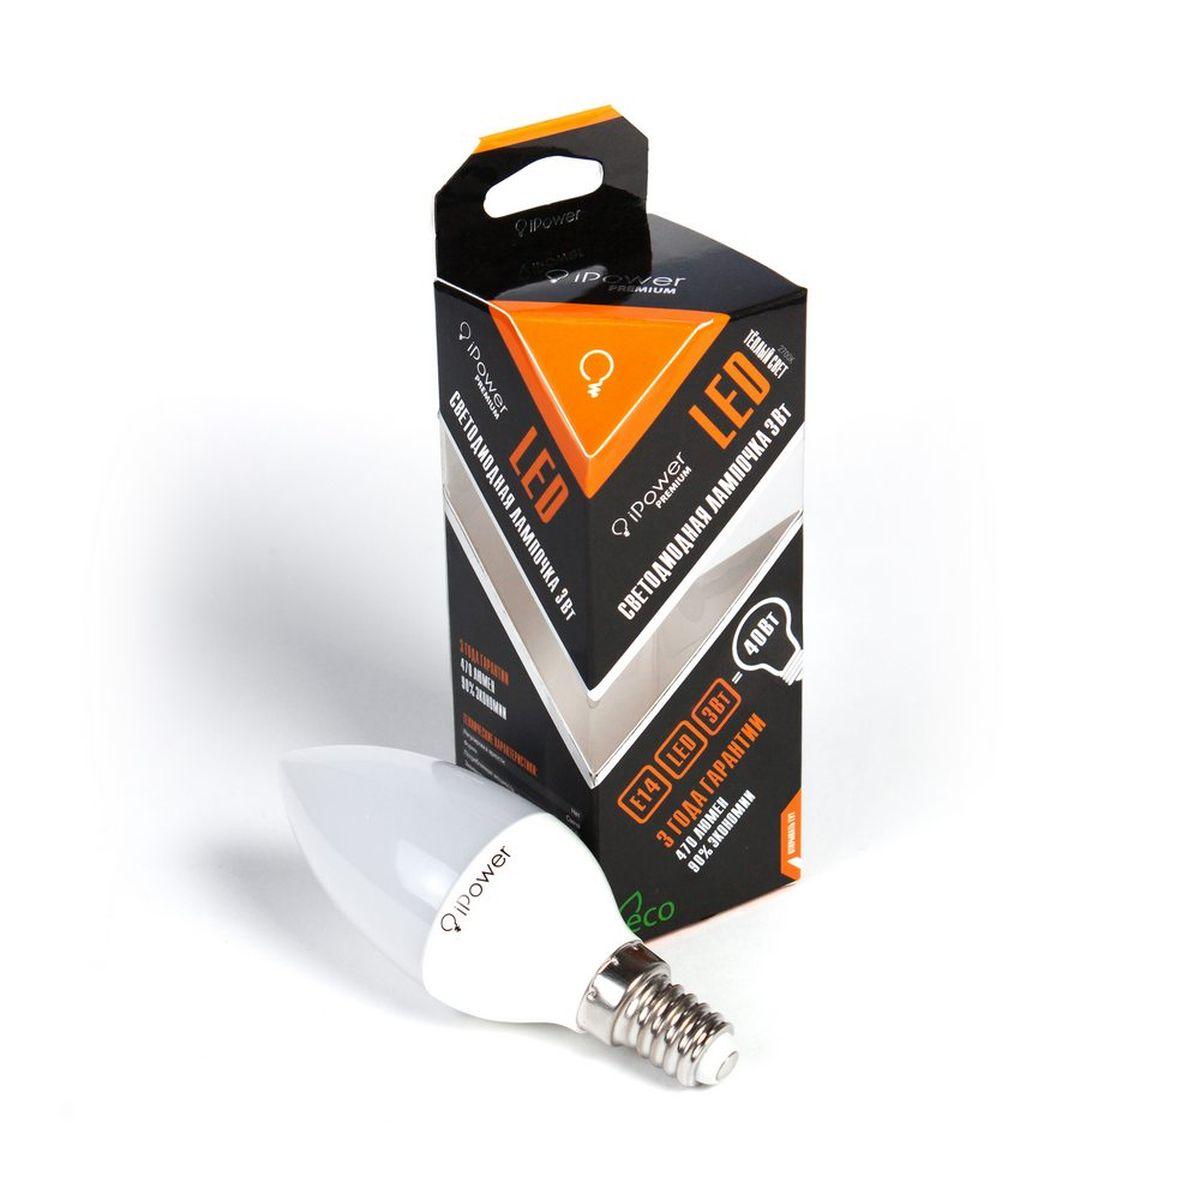 Лампа светодиодная iPower Premium, цоколь Е14, 3W, 2700КTL-100C-Q1Светодиодная лампа iPower Premium имеет очень низкое энергопотребление. В сравнении с лампами накаливания LED потребляет в 12 разменьше электричества, а в сравнении с энергосберегающими - в 2-4 раза меньше. При этом срок службы LED лампочки в 5 раз выше, чемэнергосберегающей, и в 50 раз выше, чем у лампы накаливания. Светодиодная лампа iPower Premium создает мягкий рассеивающий свет безмерцаний, что совершенно безопасно для глаз. Она специально разработана по требованиям российских и европейских законов и подходит ковсем осветительным устройствам, совместимым со стандартным цоколем E27. Использование светодиодов от мирового лидера Epistar - этозалог надежной и стабильной работы лампы. Теплый оттенок света лампы по световой температуре соответствует обычной лампе накаливания ипозволит создать уют в доме и местах отдыха.Диапазон рабочих температур от -50°С до +50 °СМатериал: алюминий, поликарбонат.Потребляемая мощность: 3 Вт.Рабочее напряжение: 220В.Световая температура: 2700К (теплый свет).Срок службы: 50000 часов.Форма: свеча.Цоколь: миньон (E14).Эквивалент мощности лампы накаливания: 40 Вт.Яркость свечения: 250 Лм.